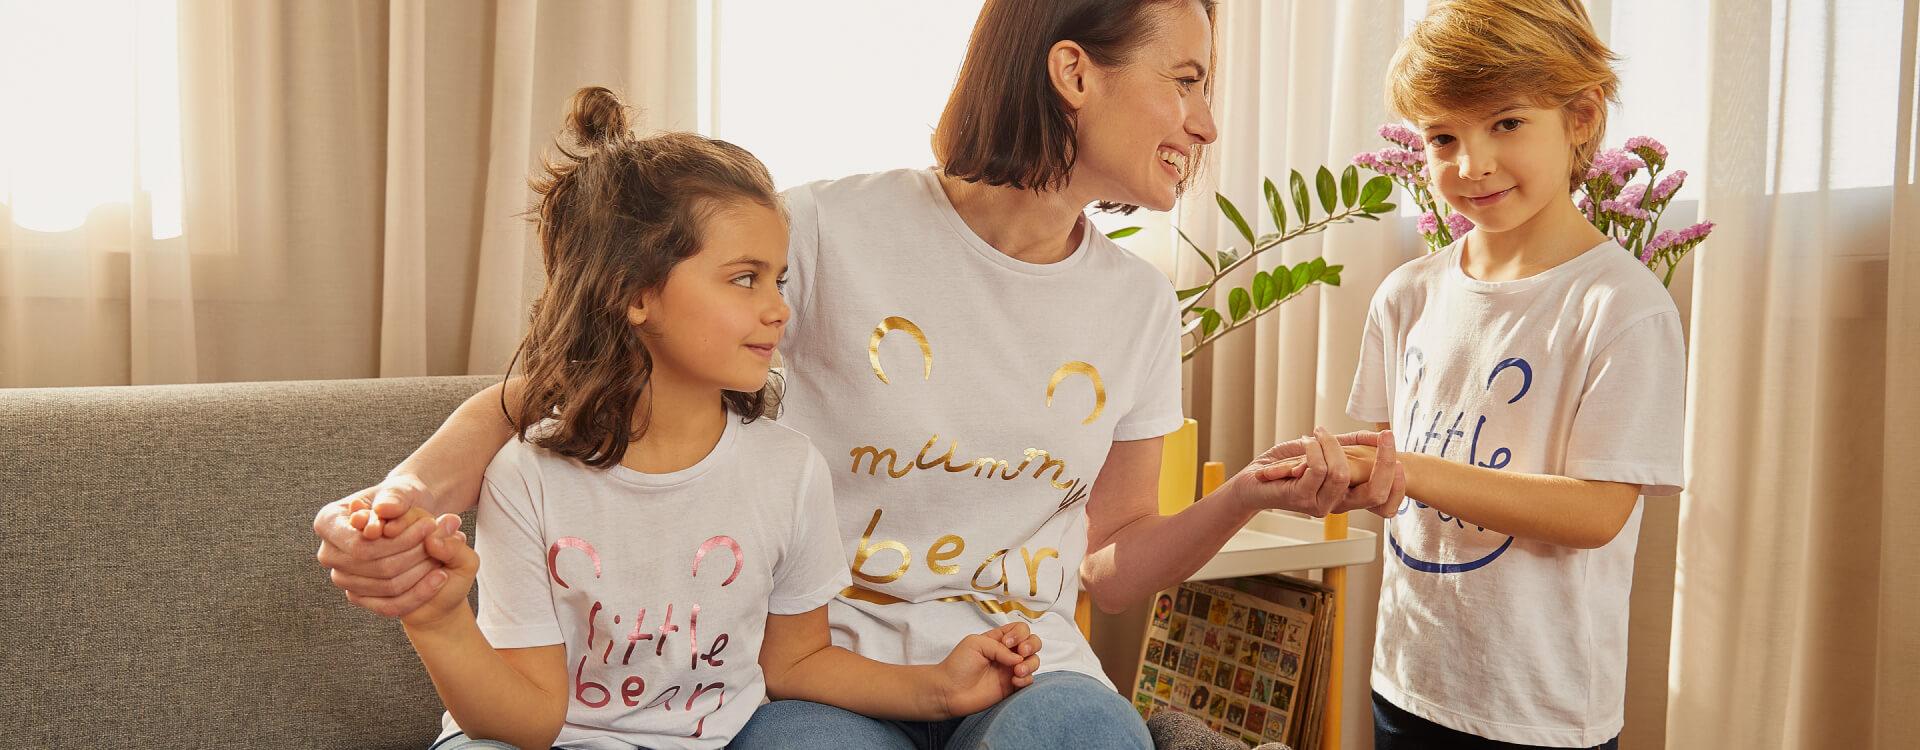 Dia da mãe   MO